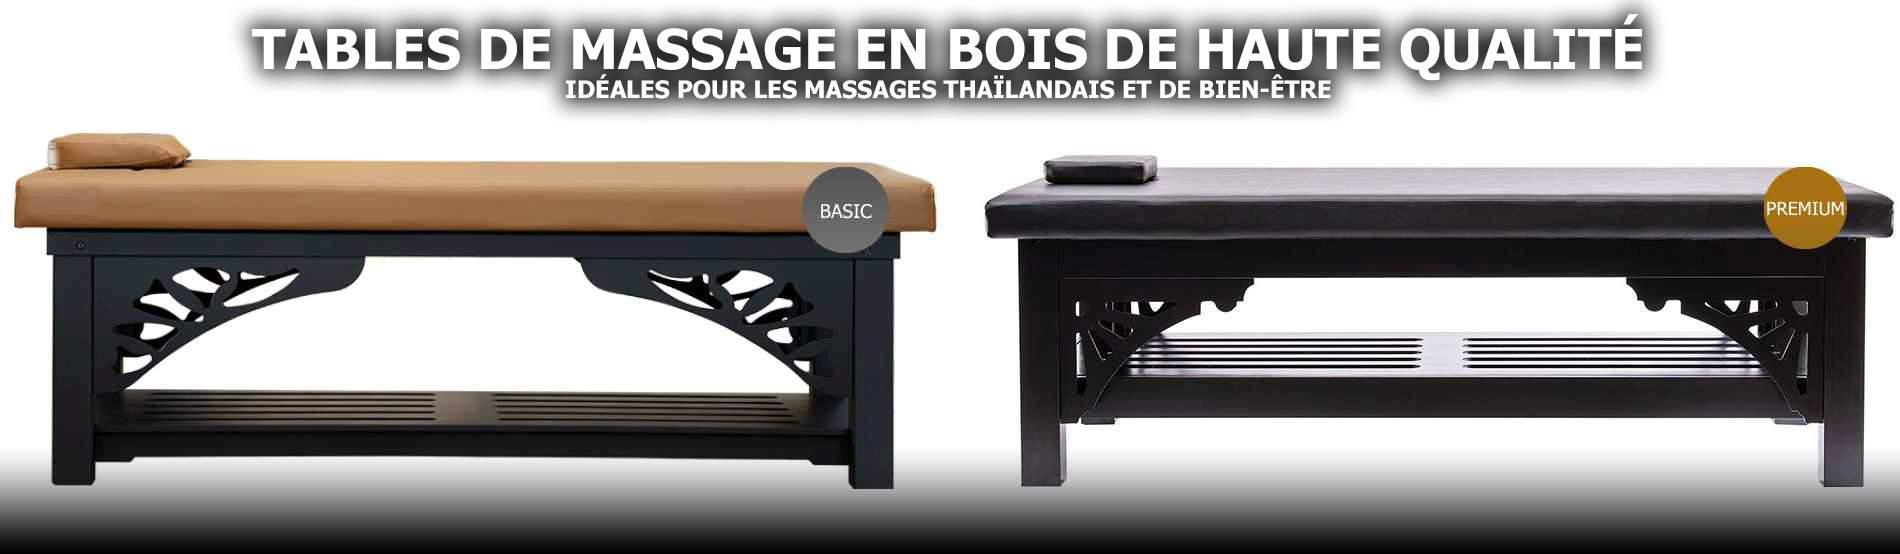 Tables de massage professionnelles en bois